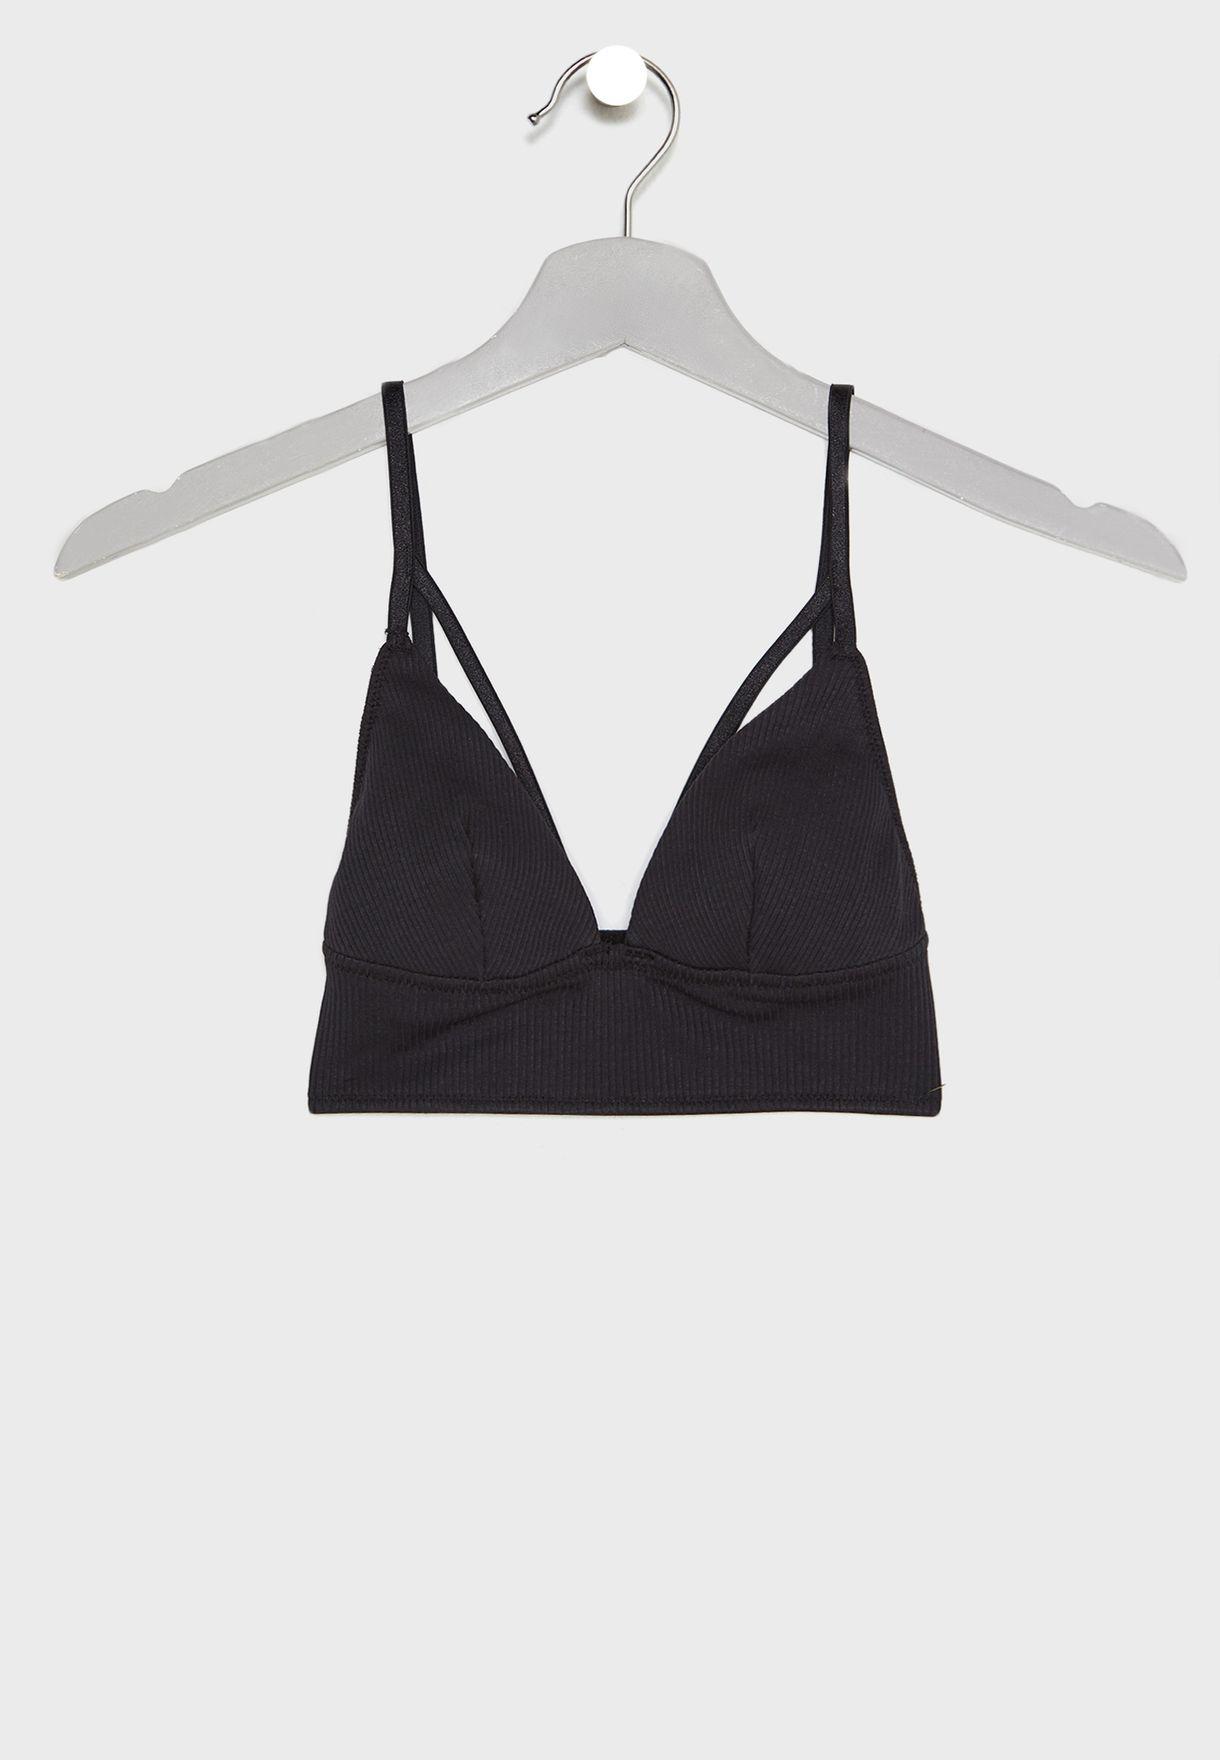 cbad2949901 Shop Topshop black Ribbed Strappy Bralette 43K14PBLK for Women in Saudi -  18832AT41VTP